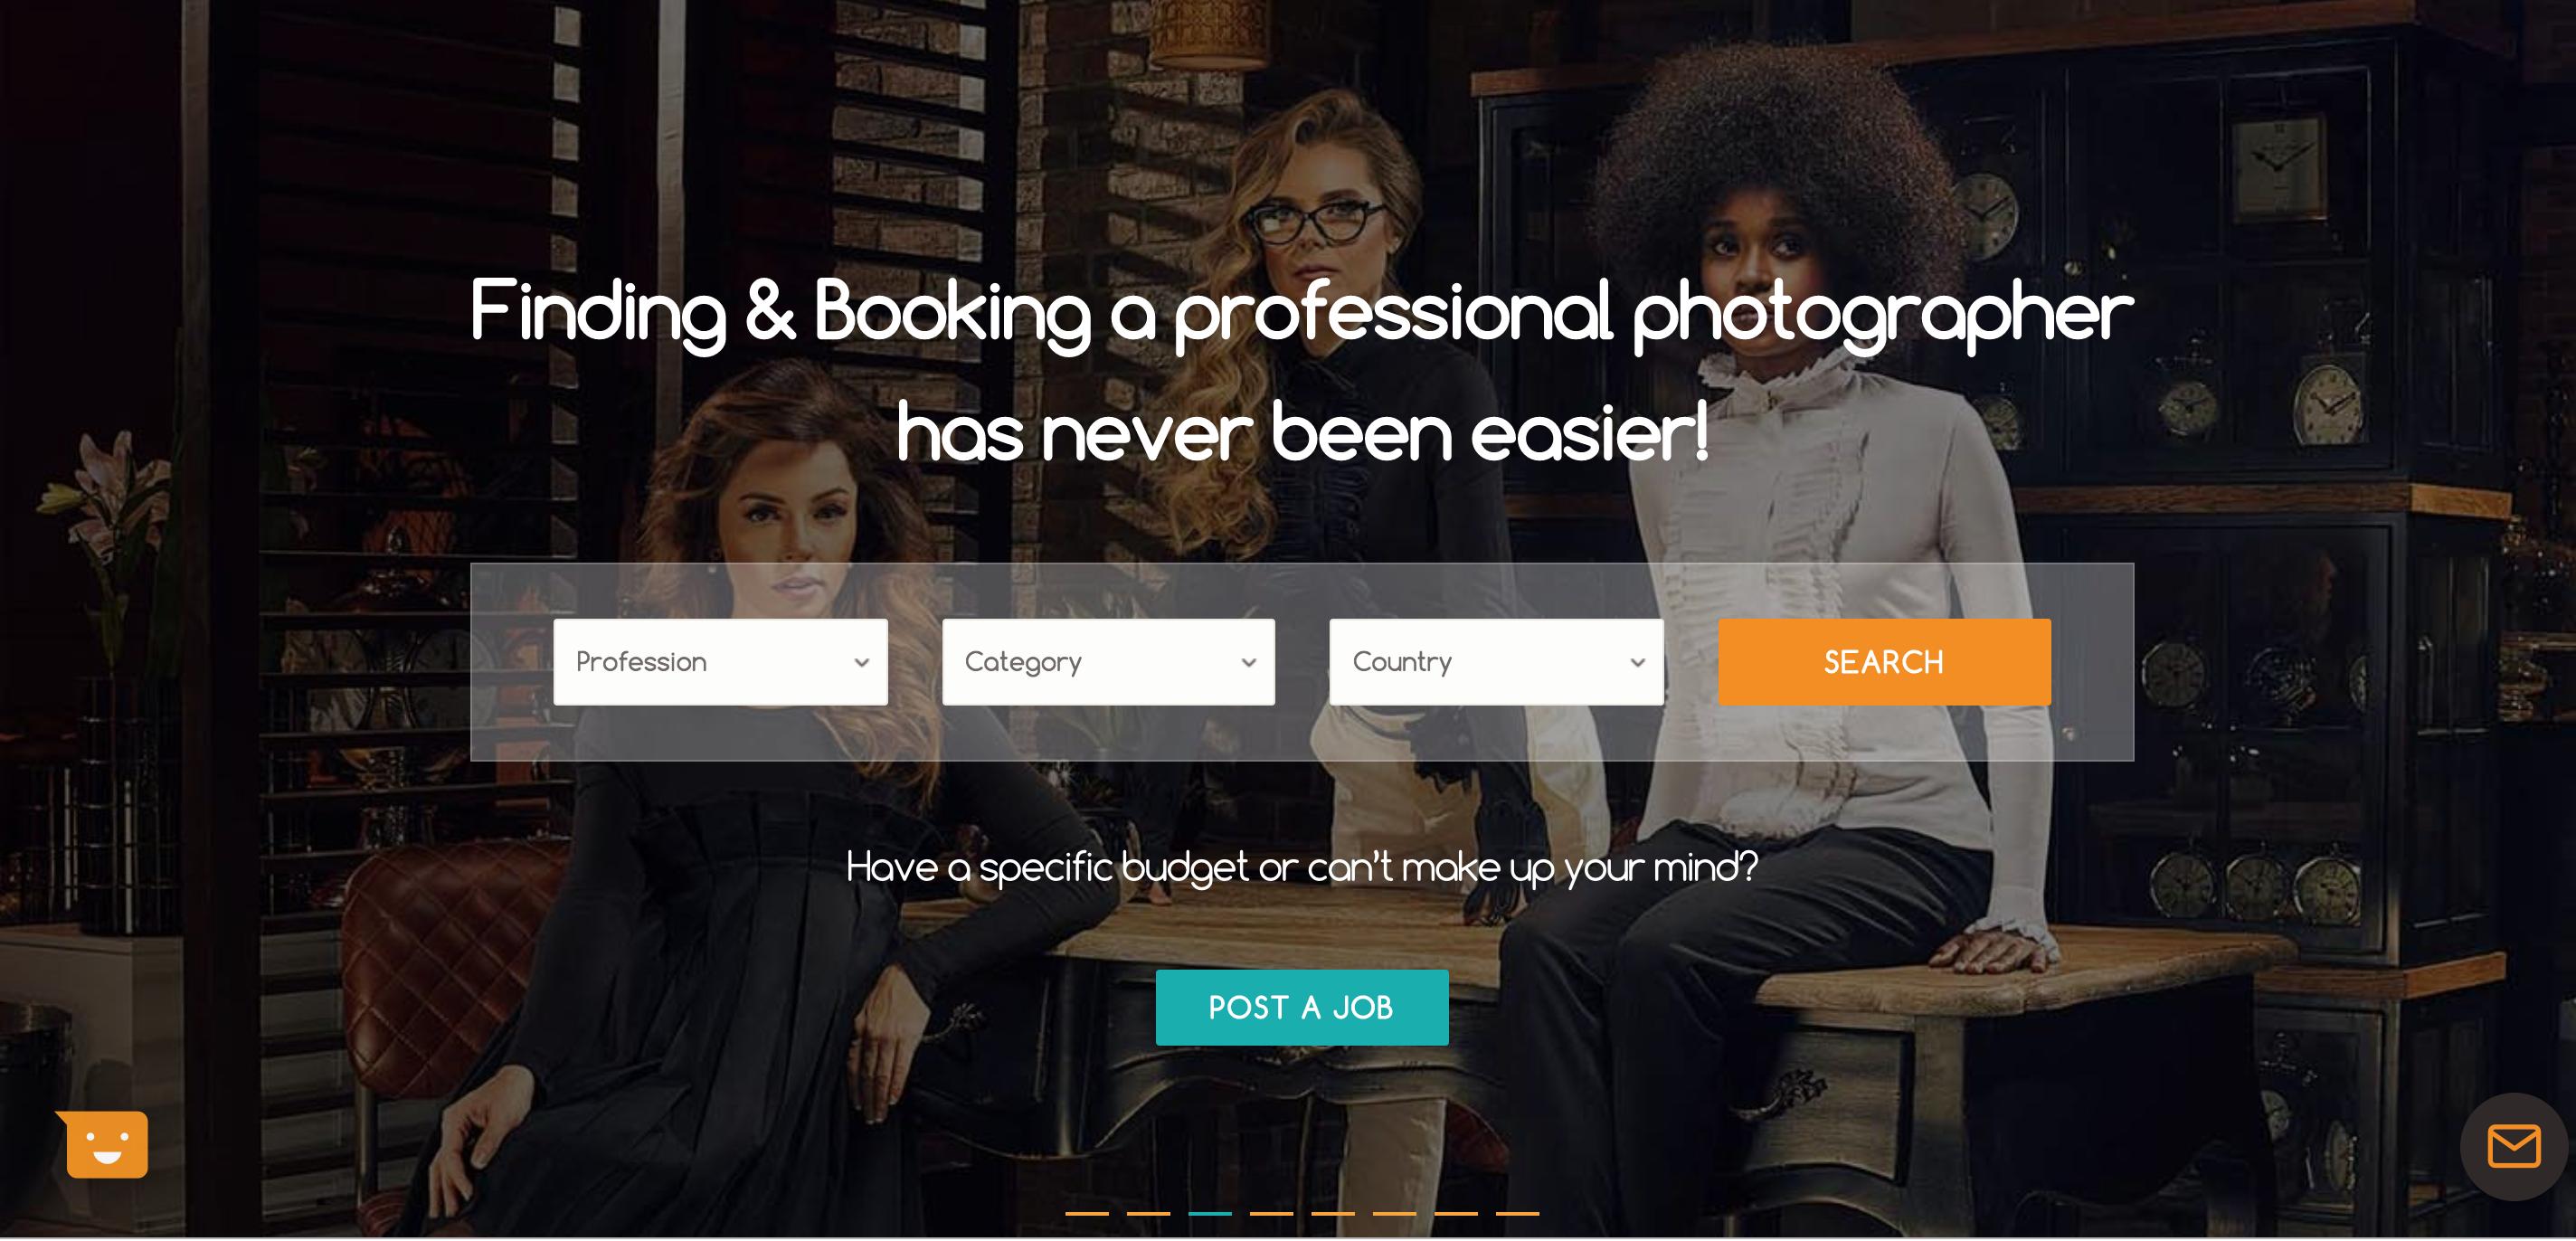 مصور.. شركة ناشئة في مهمة لإيصال المستخدم بالمصور الاحترافي بسهولة